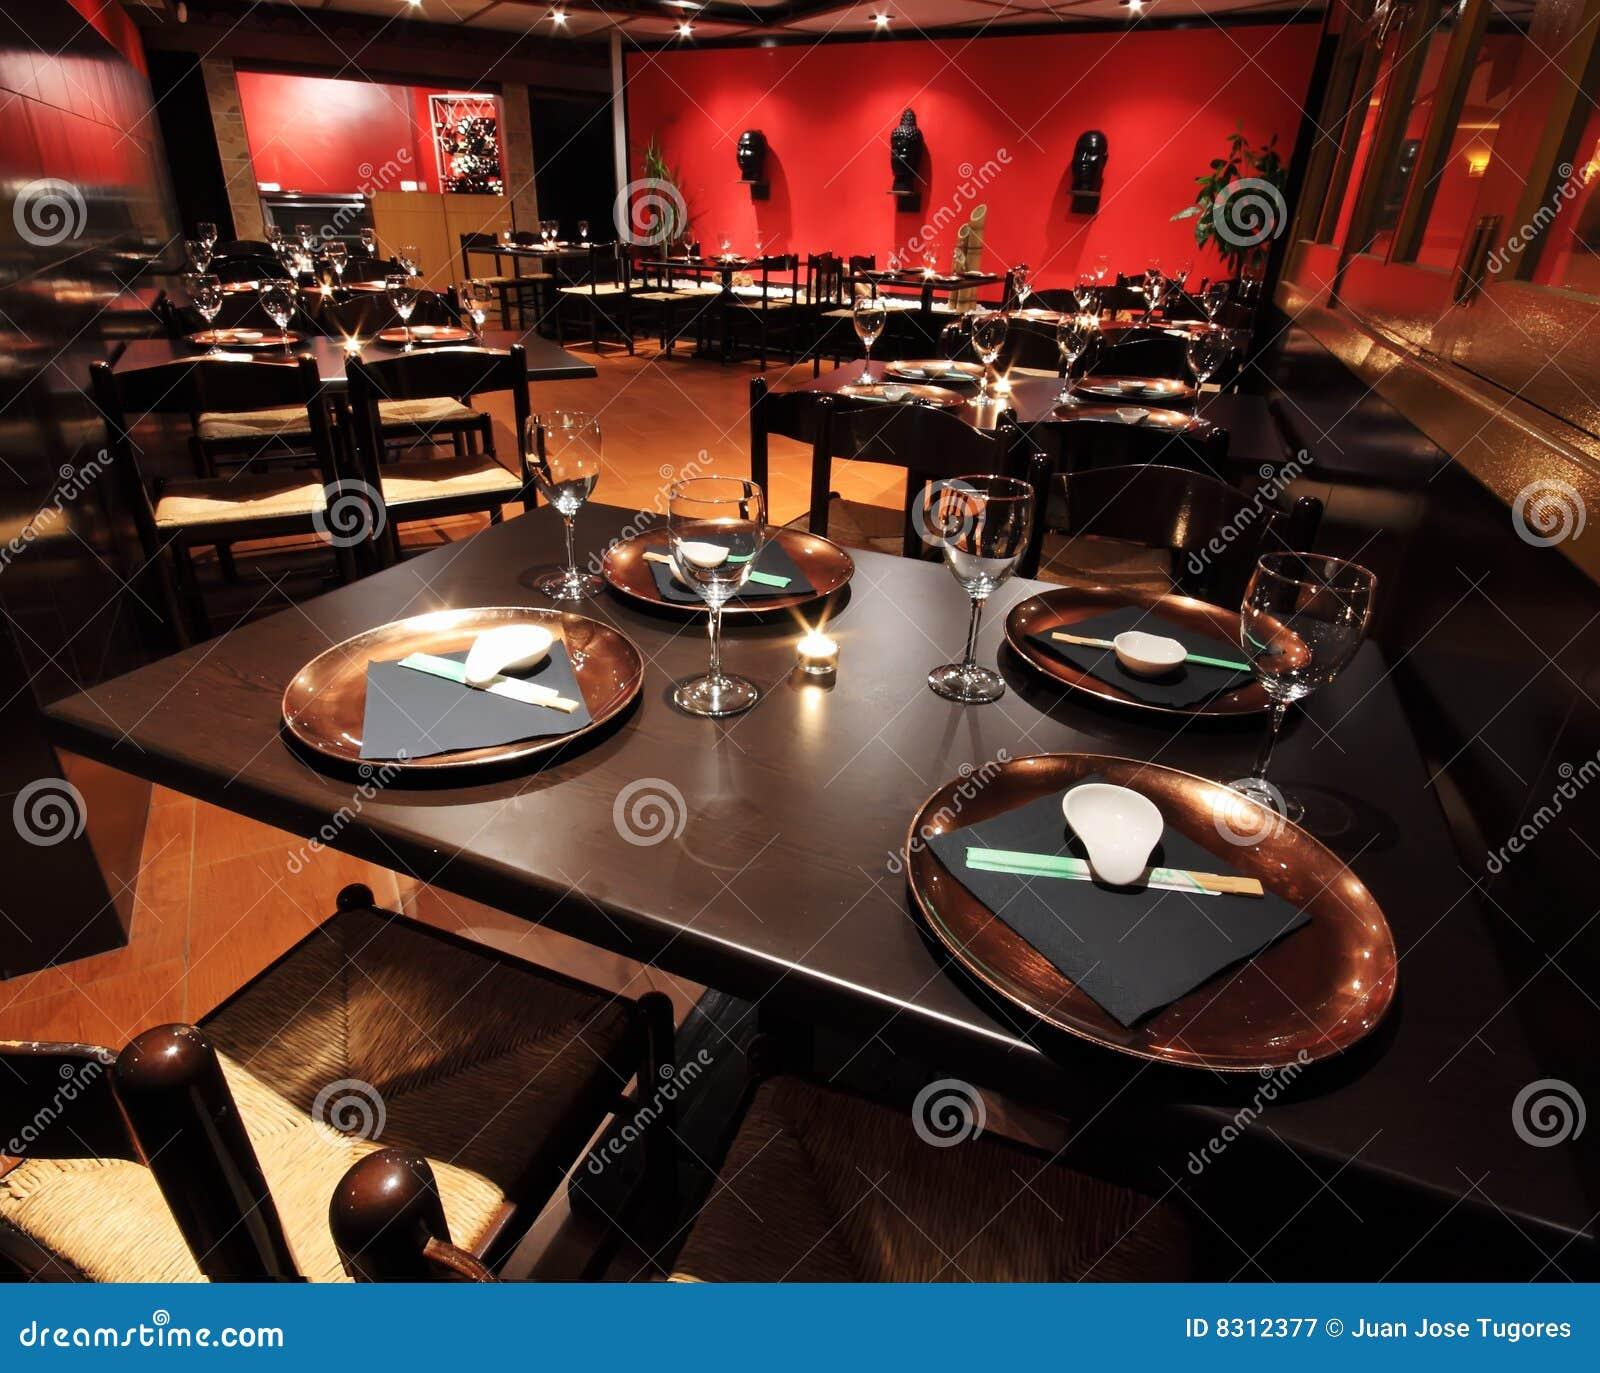 Interiores do restaurante fotografia de stock royalty free - Interiores de restaurantes ...